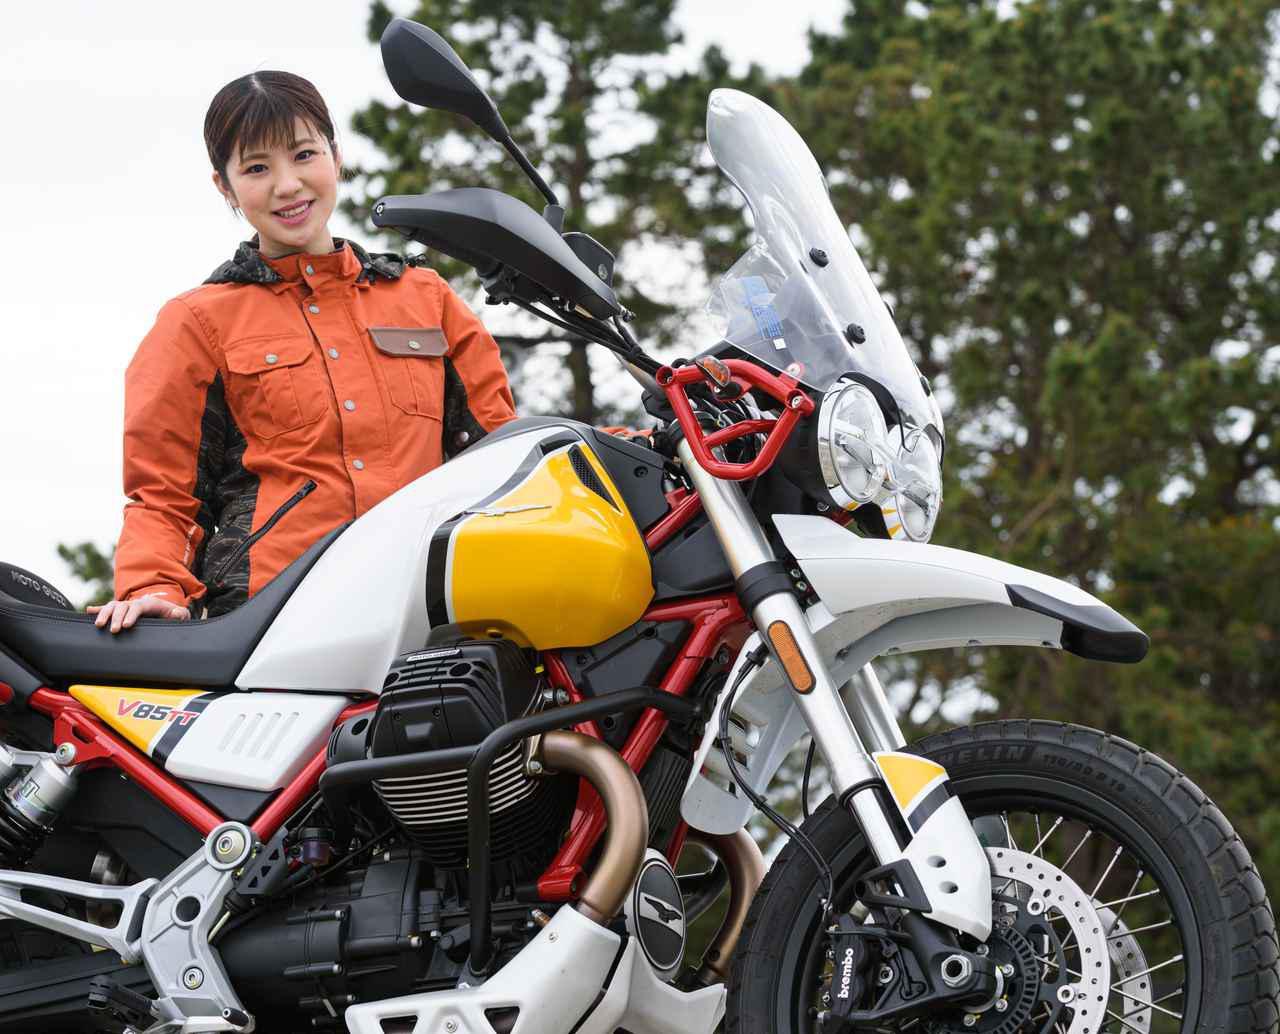 画像: 梅本まどか × モト・グッツィ「V85 TT」足つき性もチェック! - webオートバイ